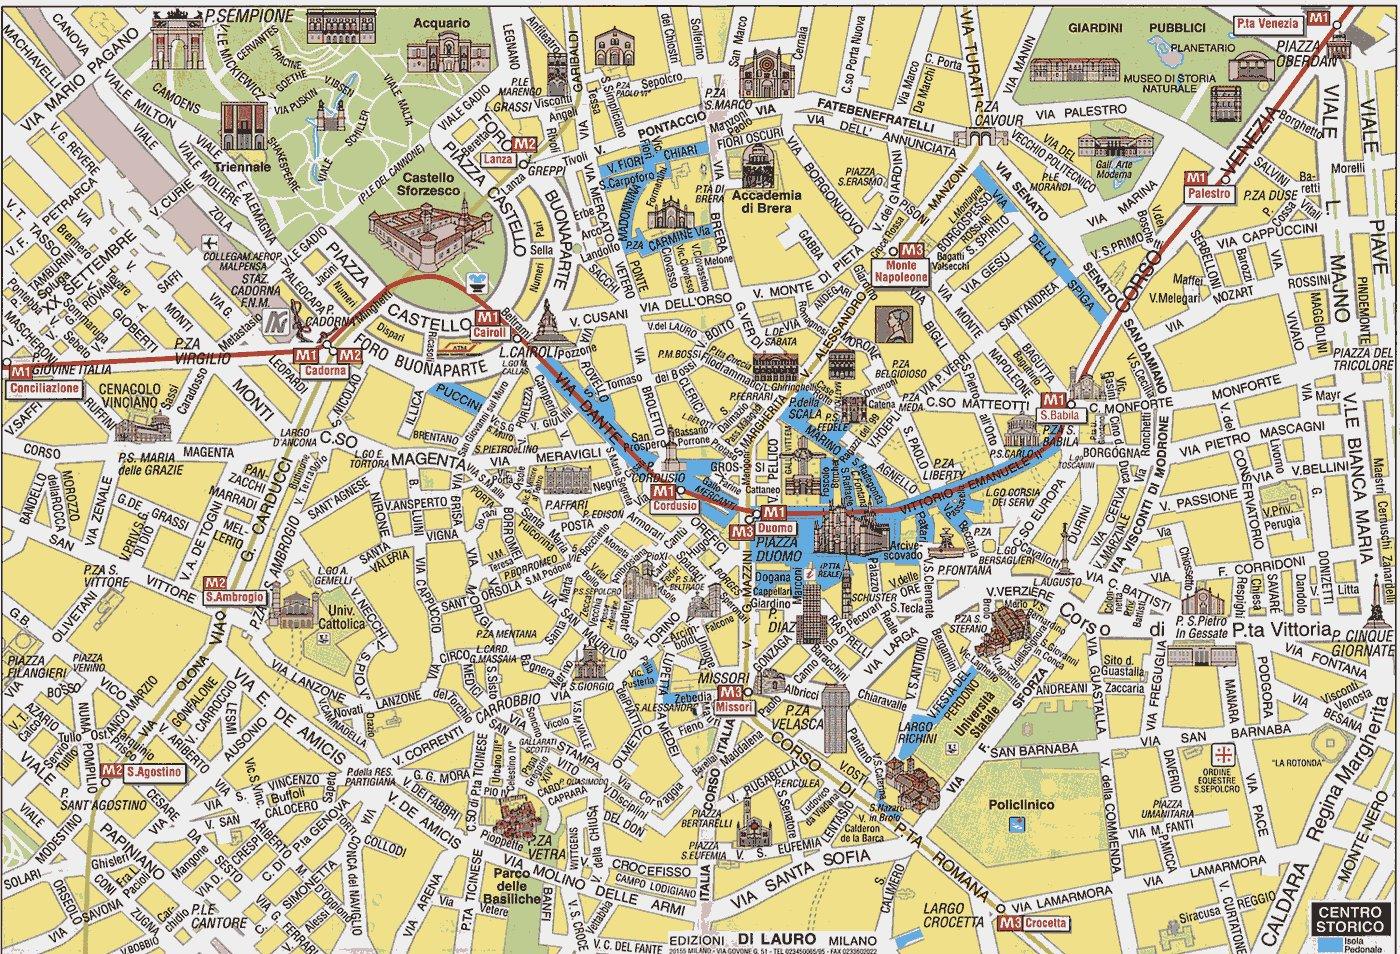 достопримечательности, кафе, просмотр улиц и многое другое.  Если Вы нашли интересные схемы или карты Милана...